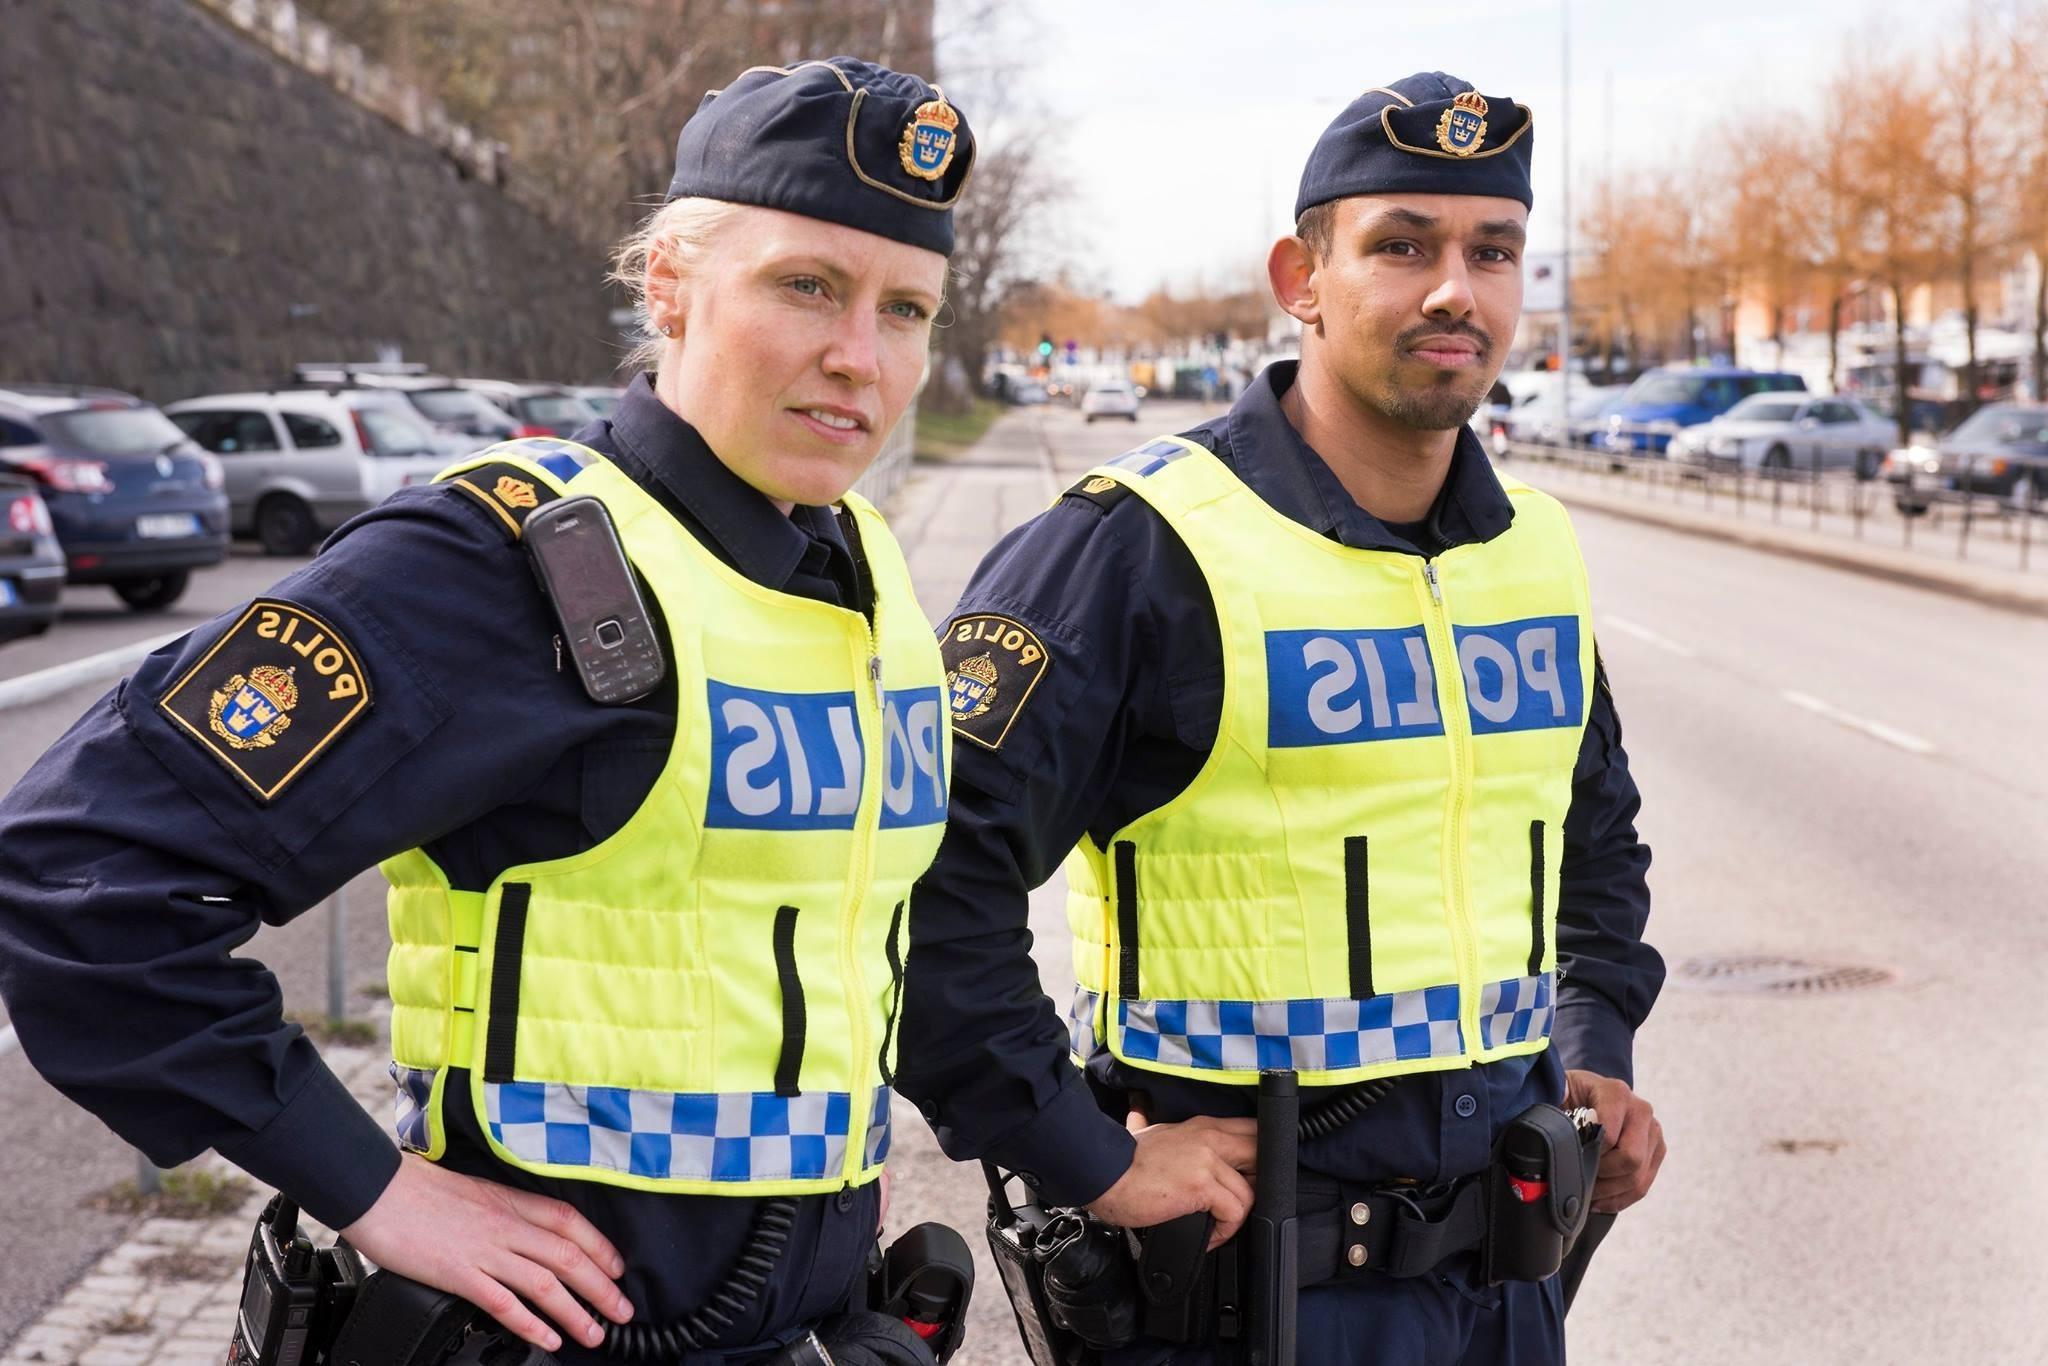 壁纸 球队 耐力 人 循环 瑞典警察局 官方 48x1366像素 警官48x1366 Wallpaperup 电脑桌面壁纸 Wallhere 壁纸库